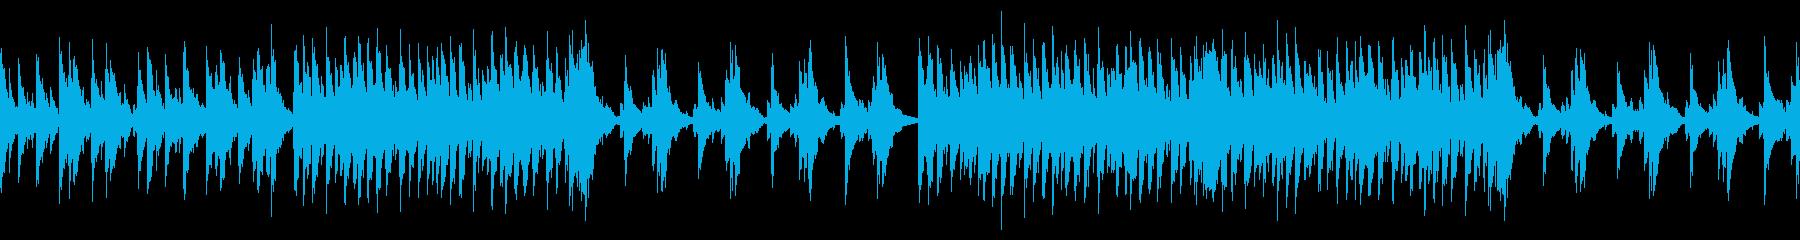 和太鼓アンサンブル(声なし)、力強いeの再生済みの波形